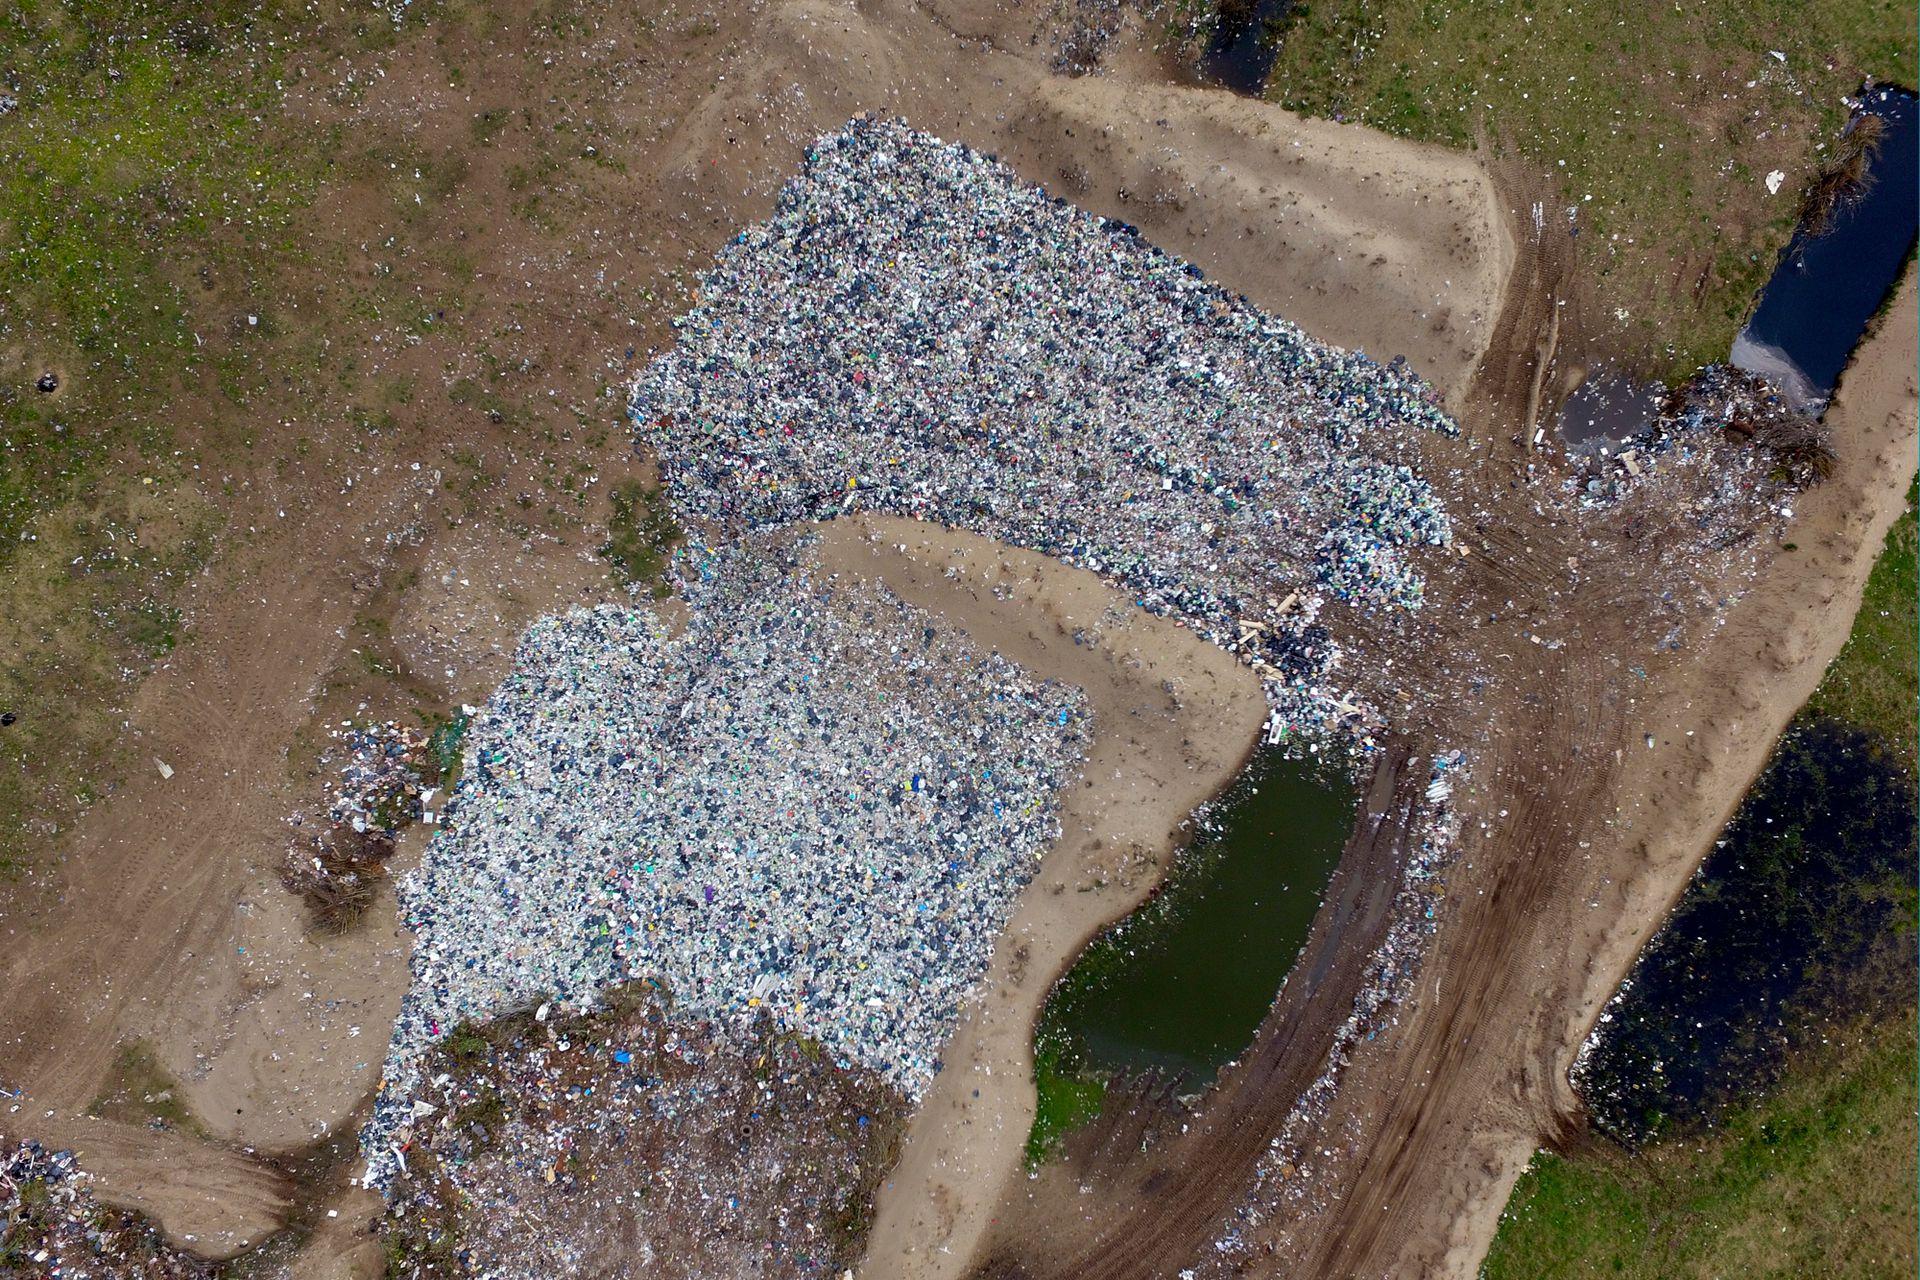 Toma aérea del basural a cielo abierto desde el dron de LA NACION